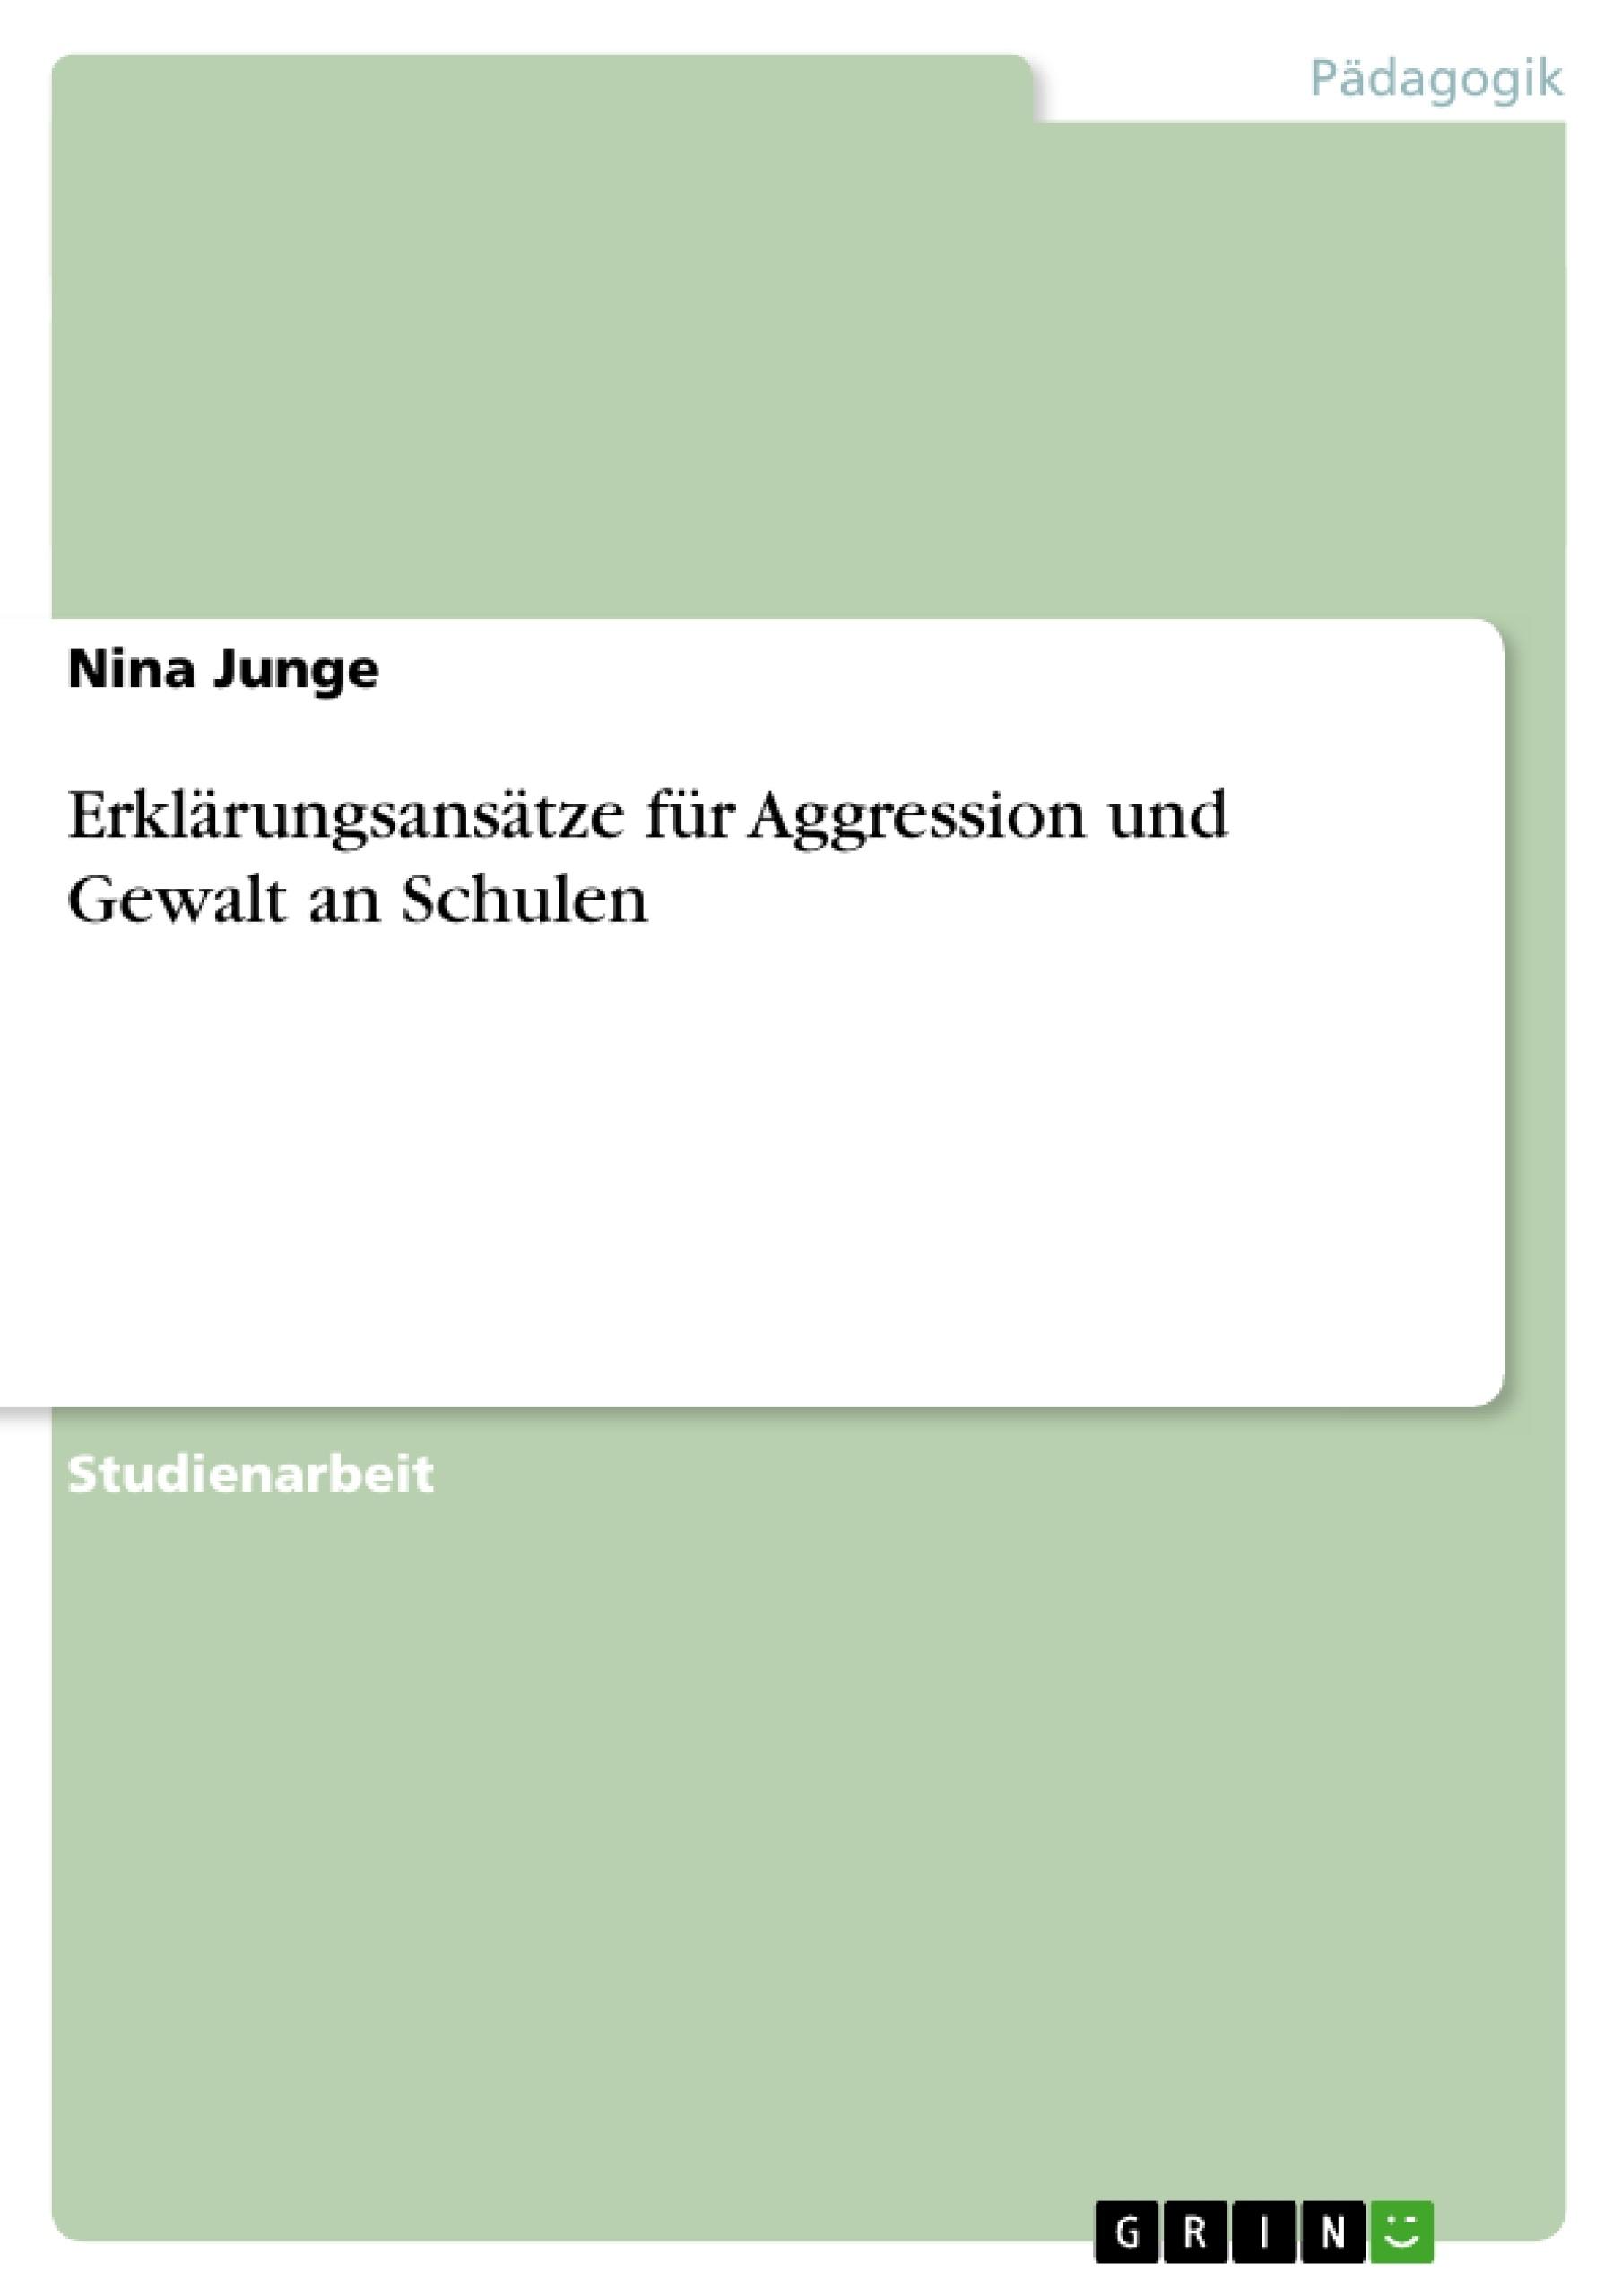 Titel: Erklärungsansätze für Aggression und Gewalt an Schulen